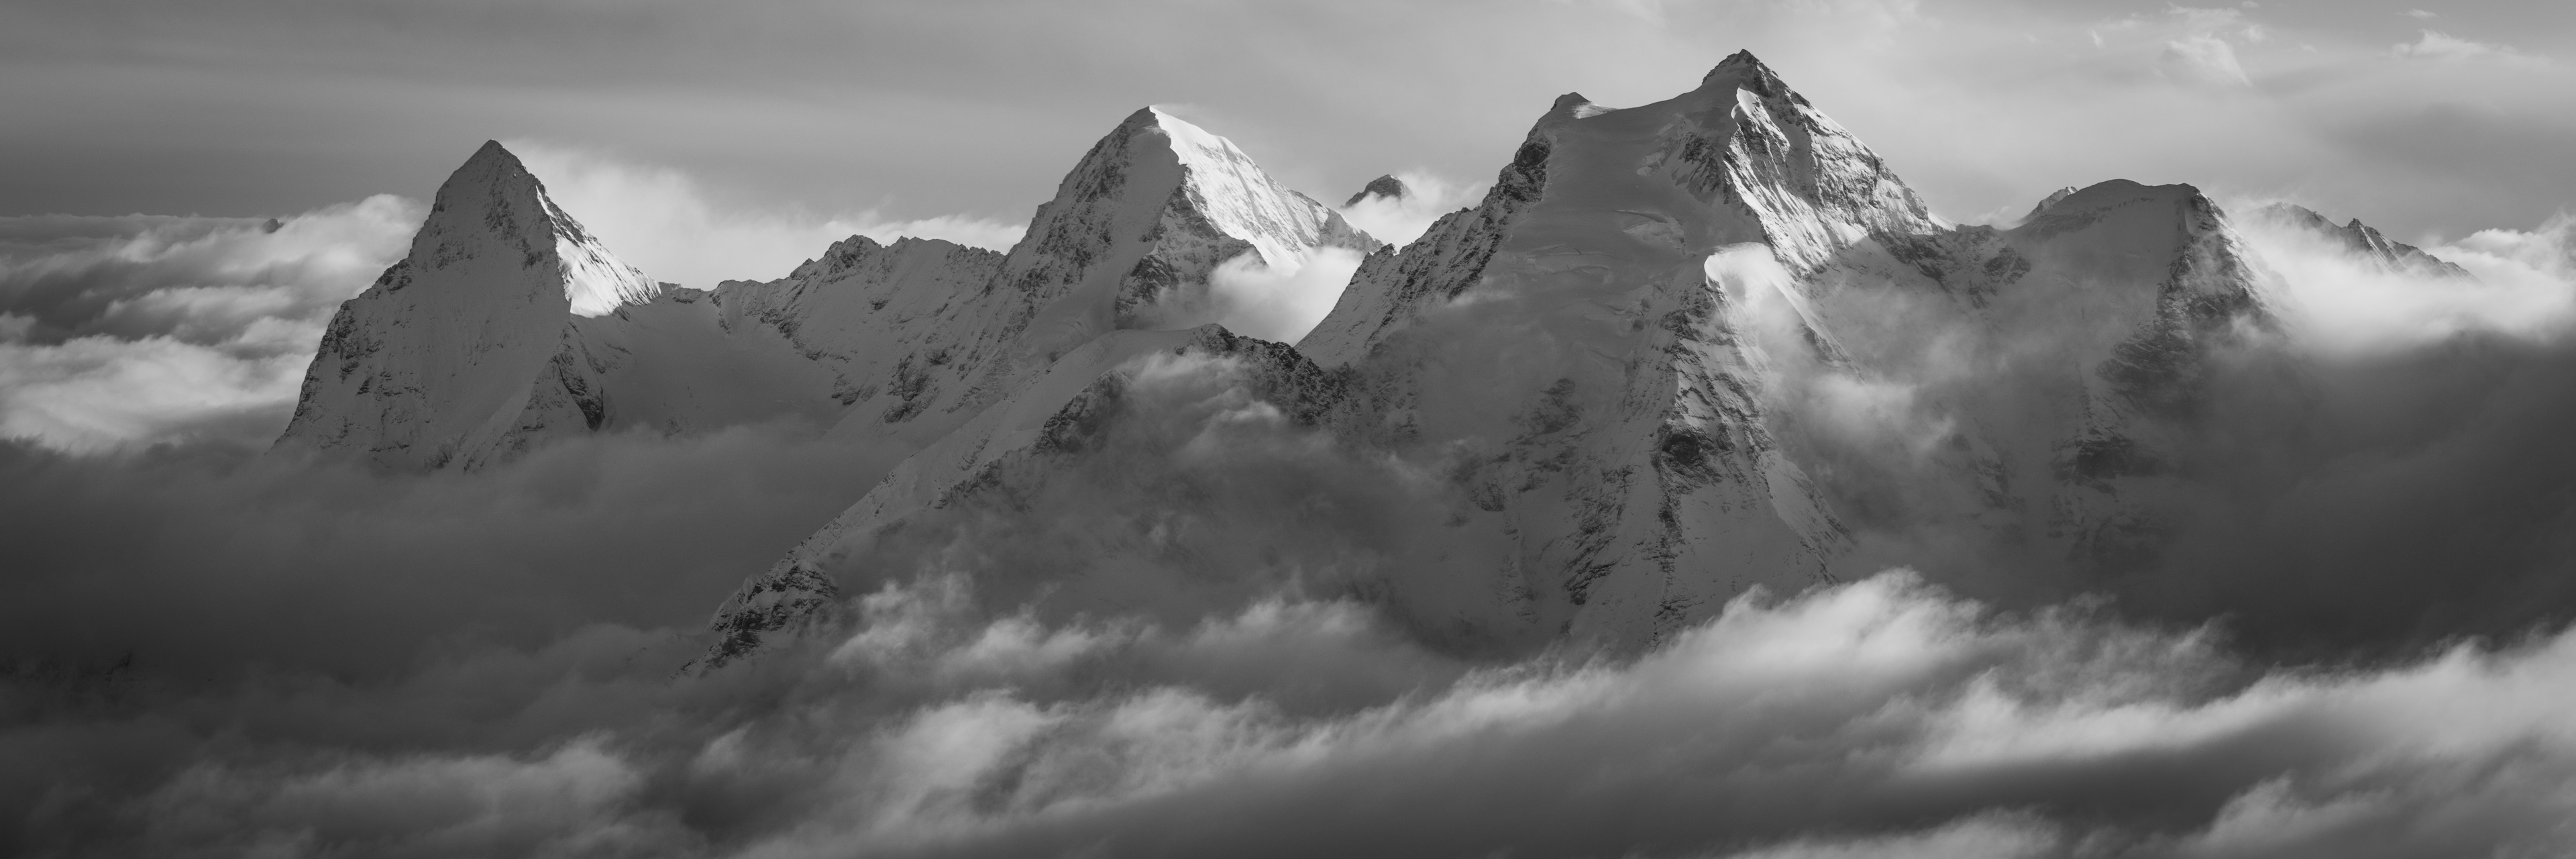 Photo panoramique des alpes bernoises. Photo panoramique noir et blanc de l'Eiger, Monch et Jungfrau